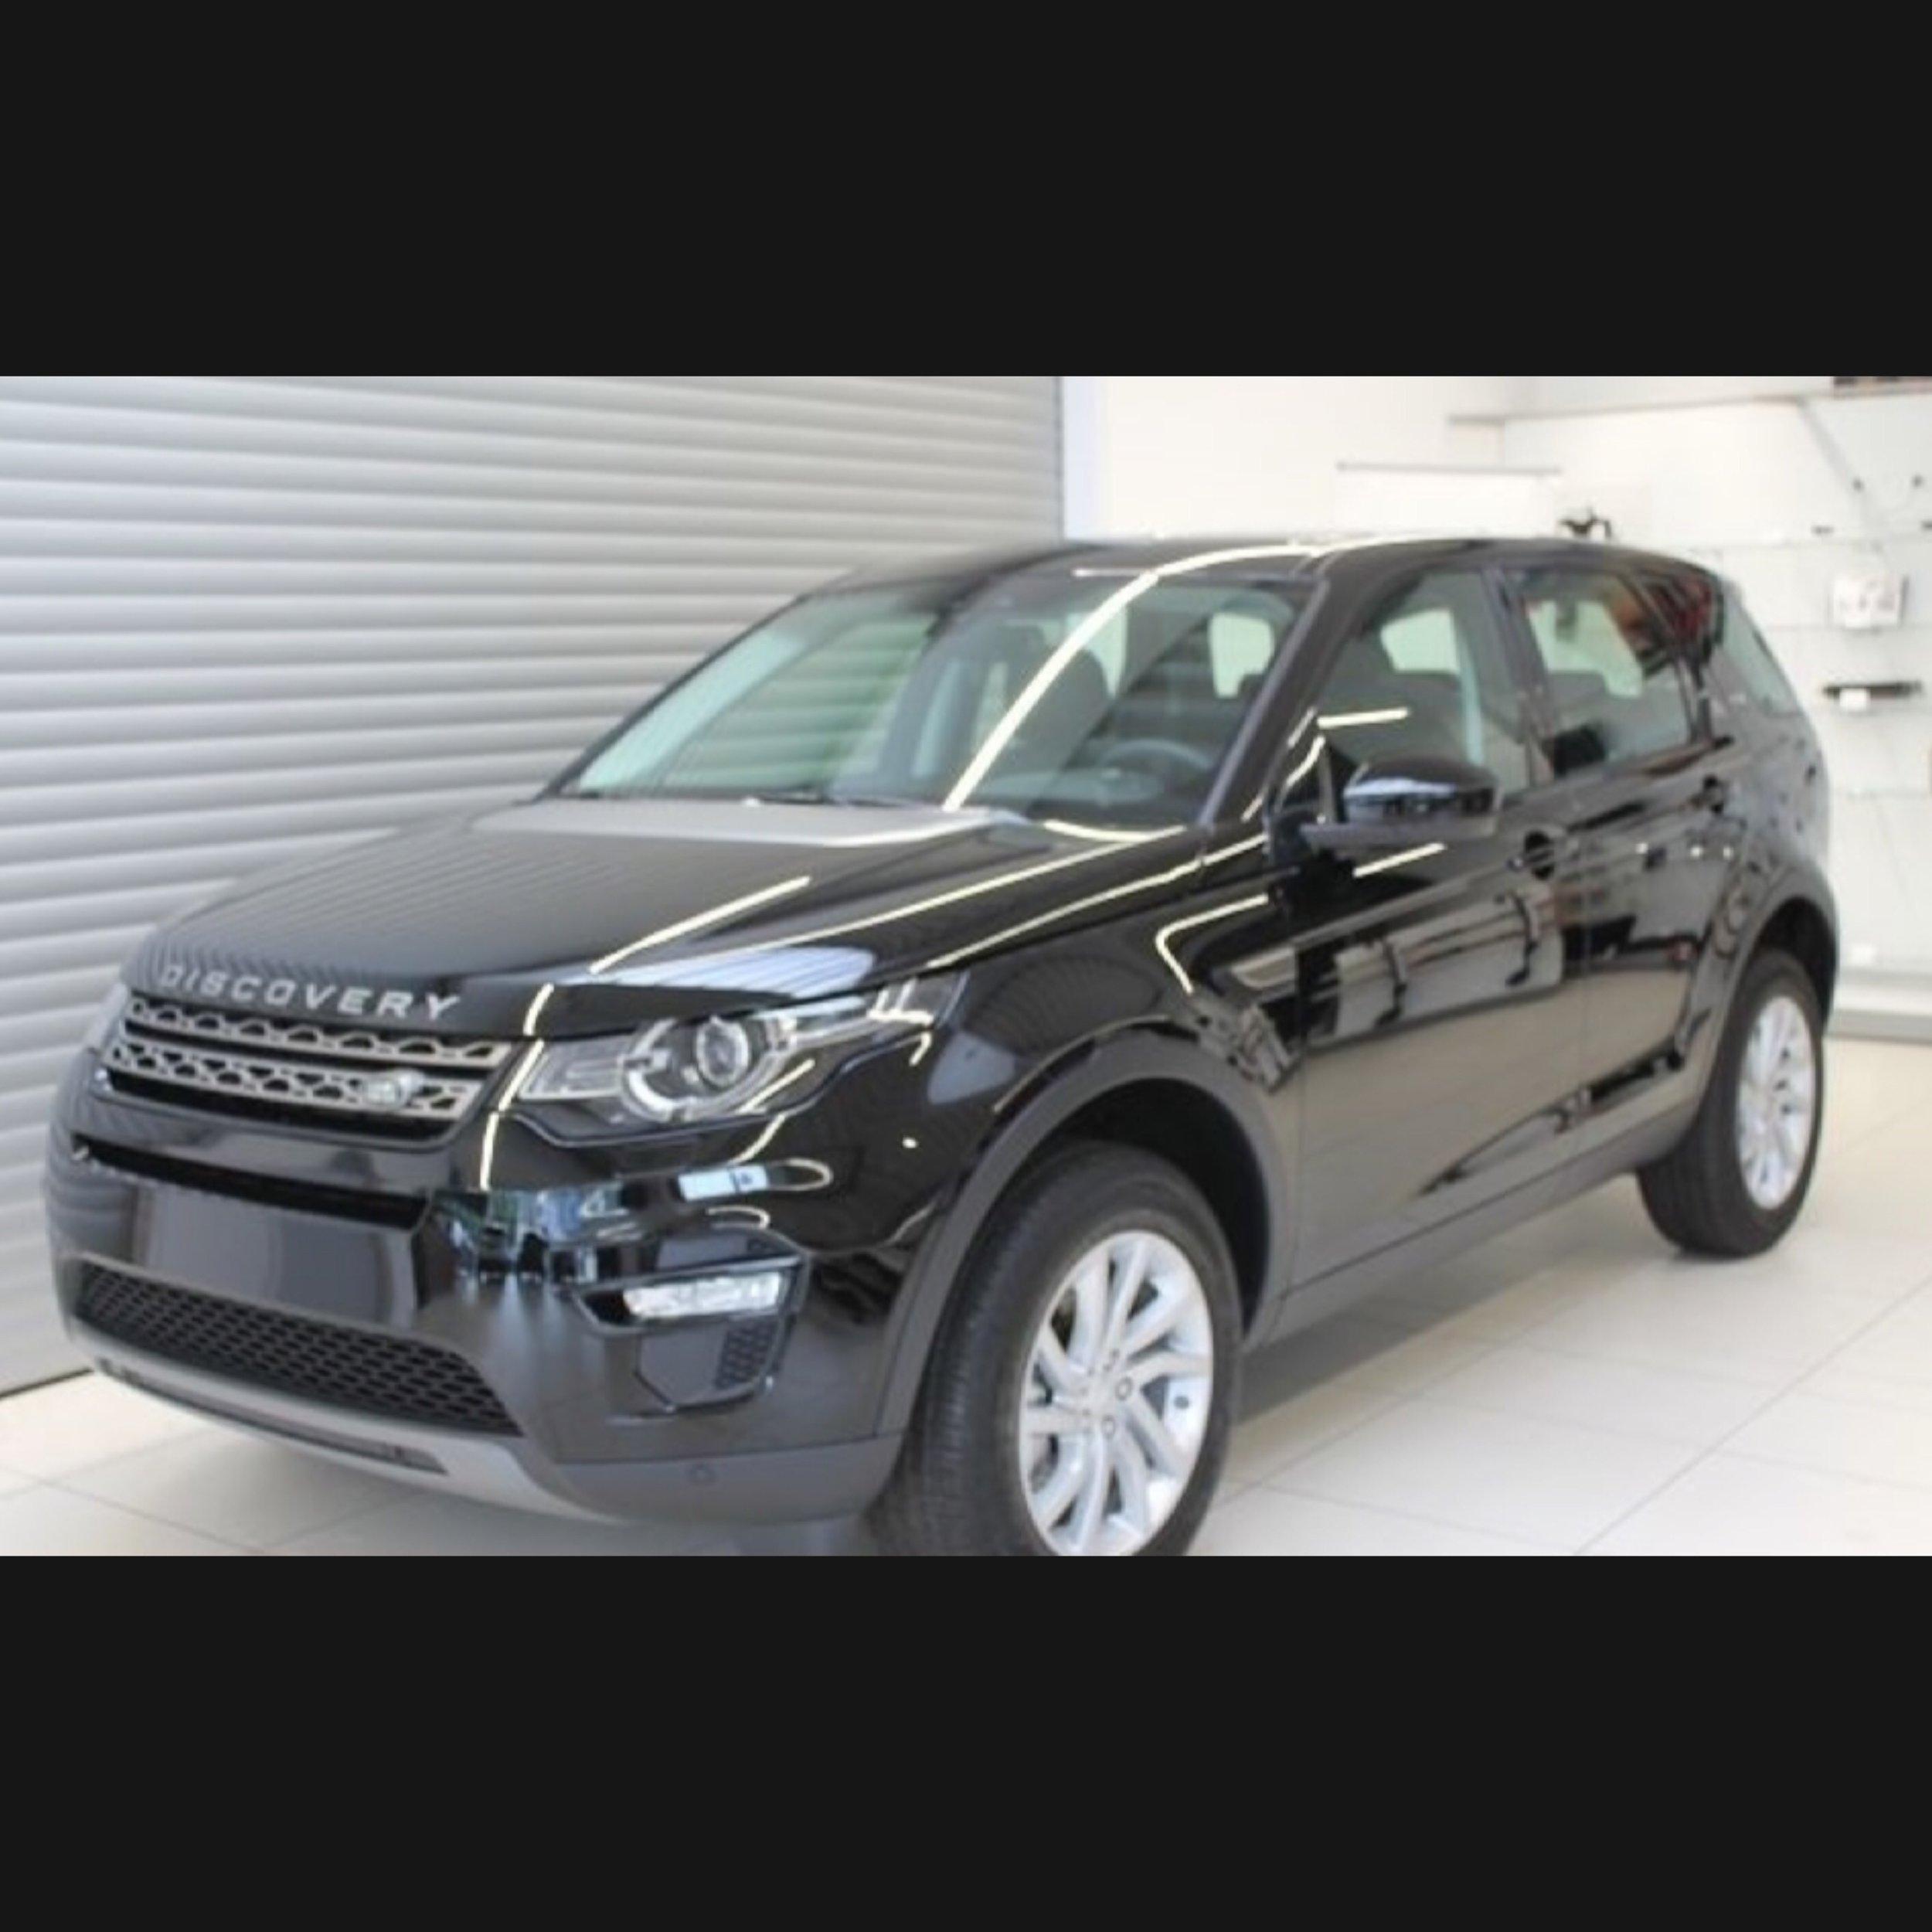 Land Rover Discovery Sport 2.0l 355,00€ / Monat (brutto) - *Privat- und Gewerbekunden*alle Werte inkl. der jeweiligen Umsatzsteuer